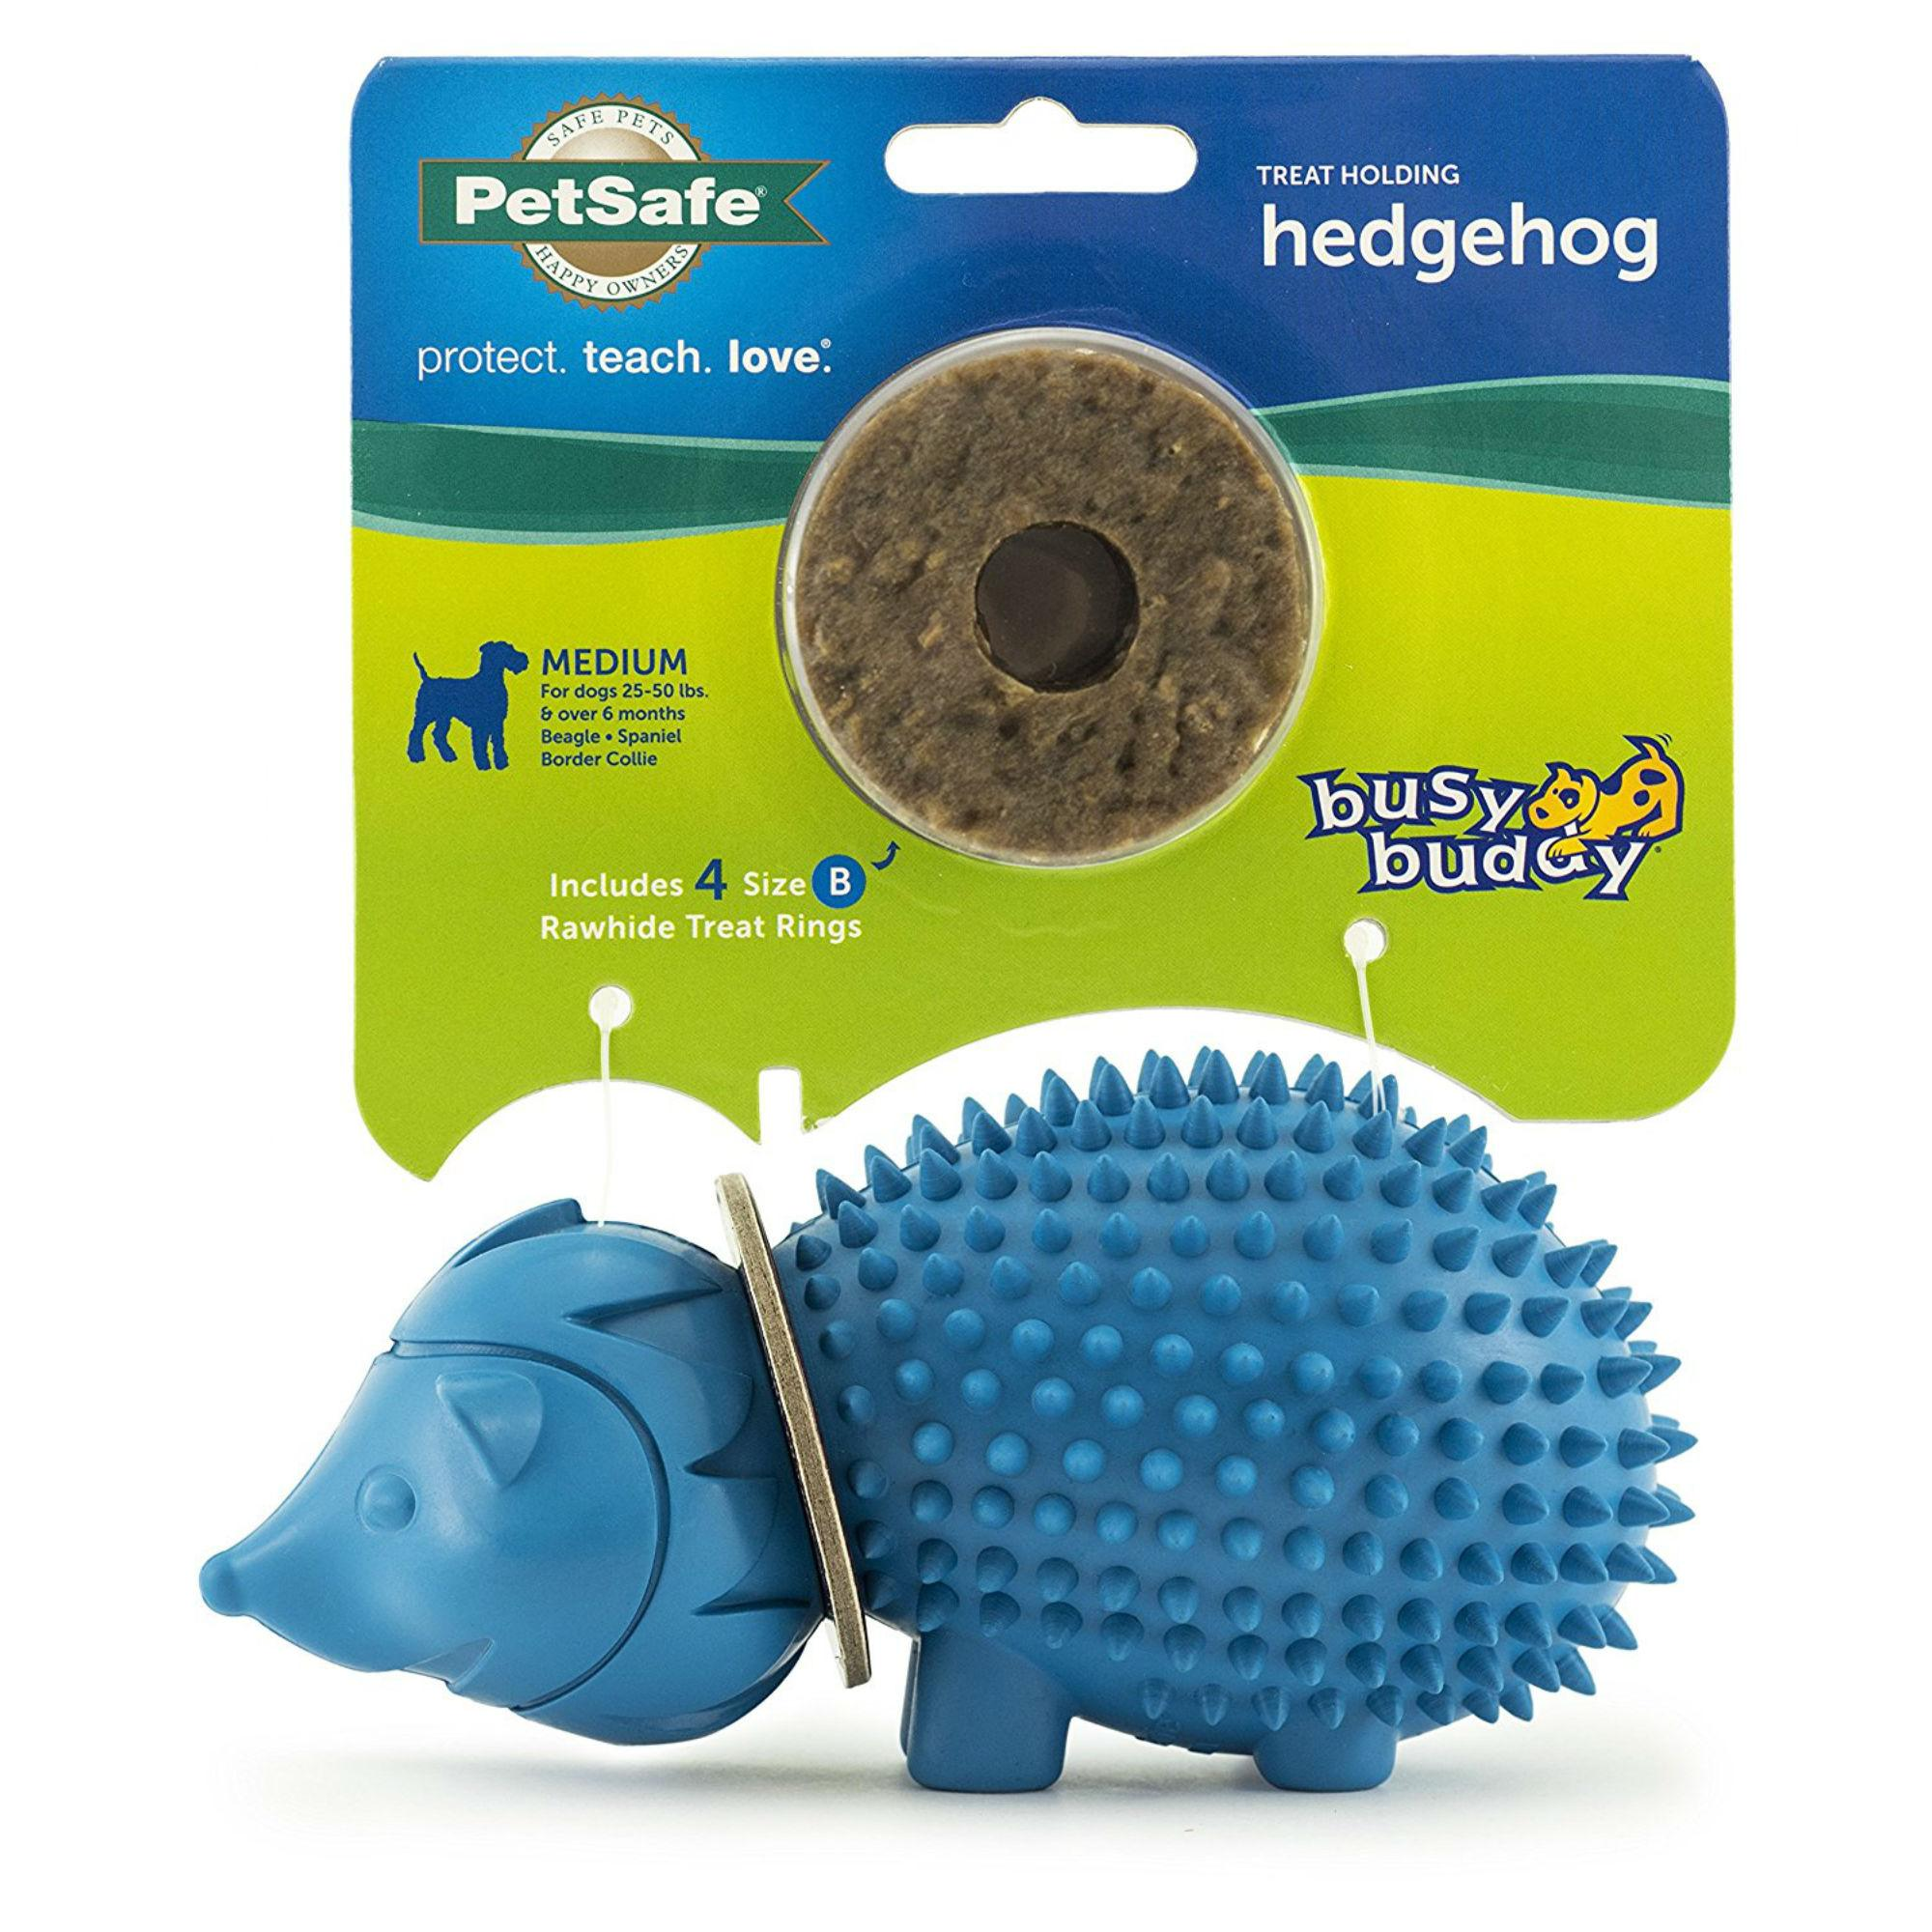 Busy Buddy Treat Ring Holder - Hedgehog